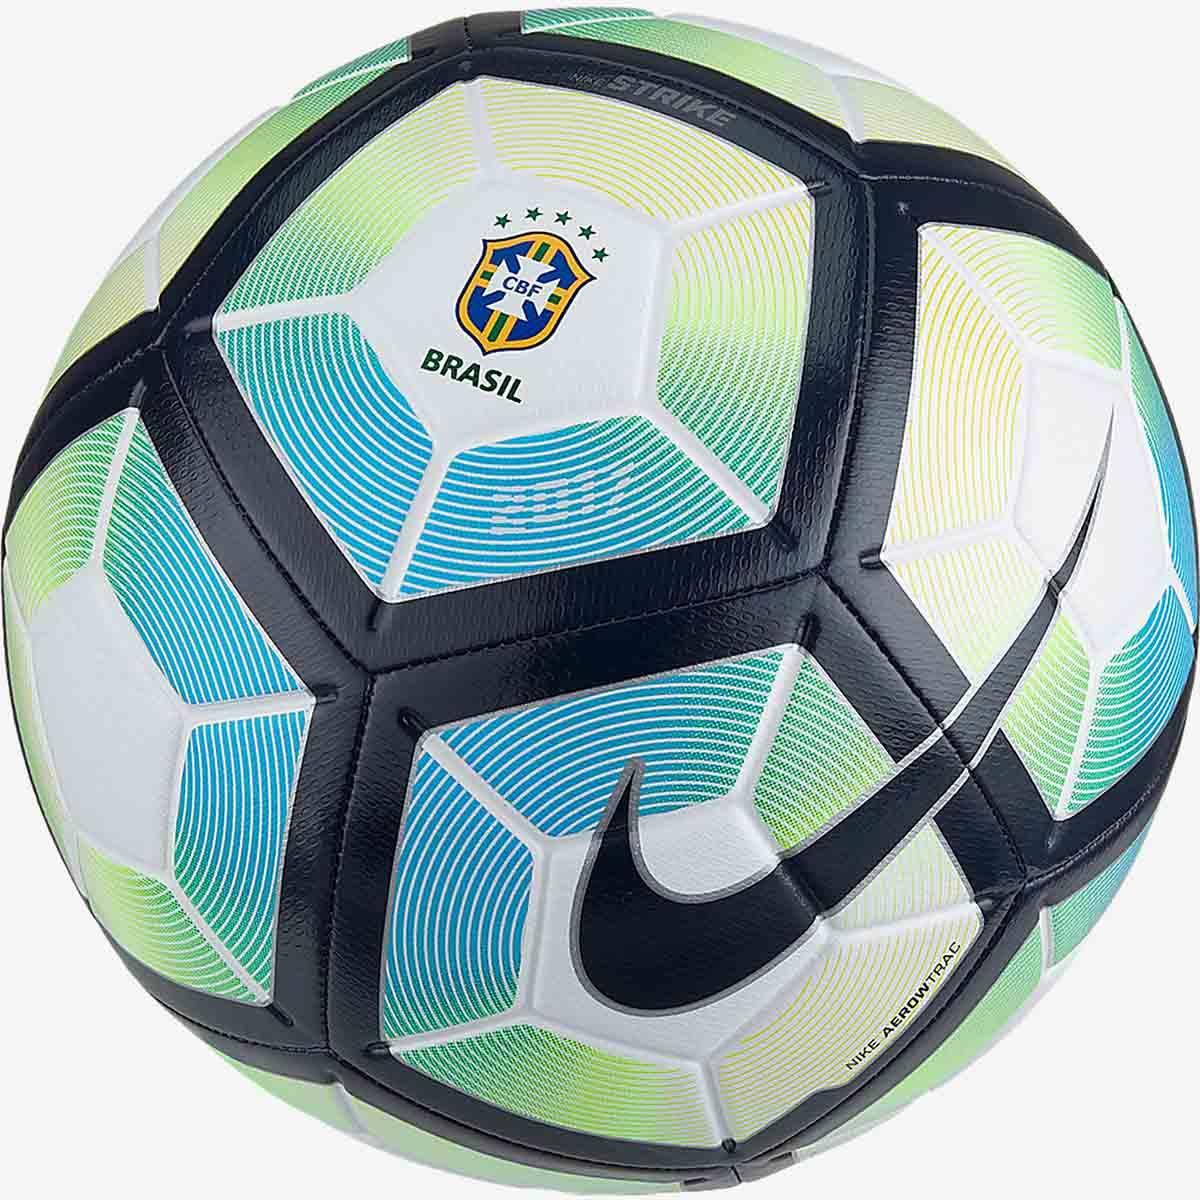 05e7b26e7d04f bola nike strike cbf futebol de campo aerowtrac original cnf. Carregando  zoom.